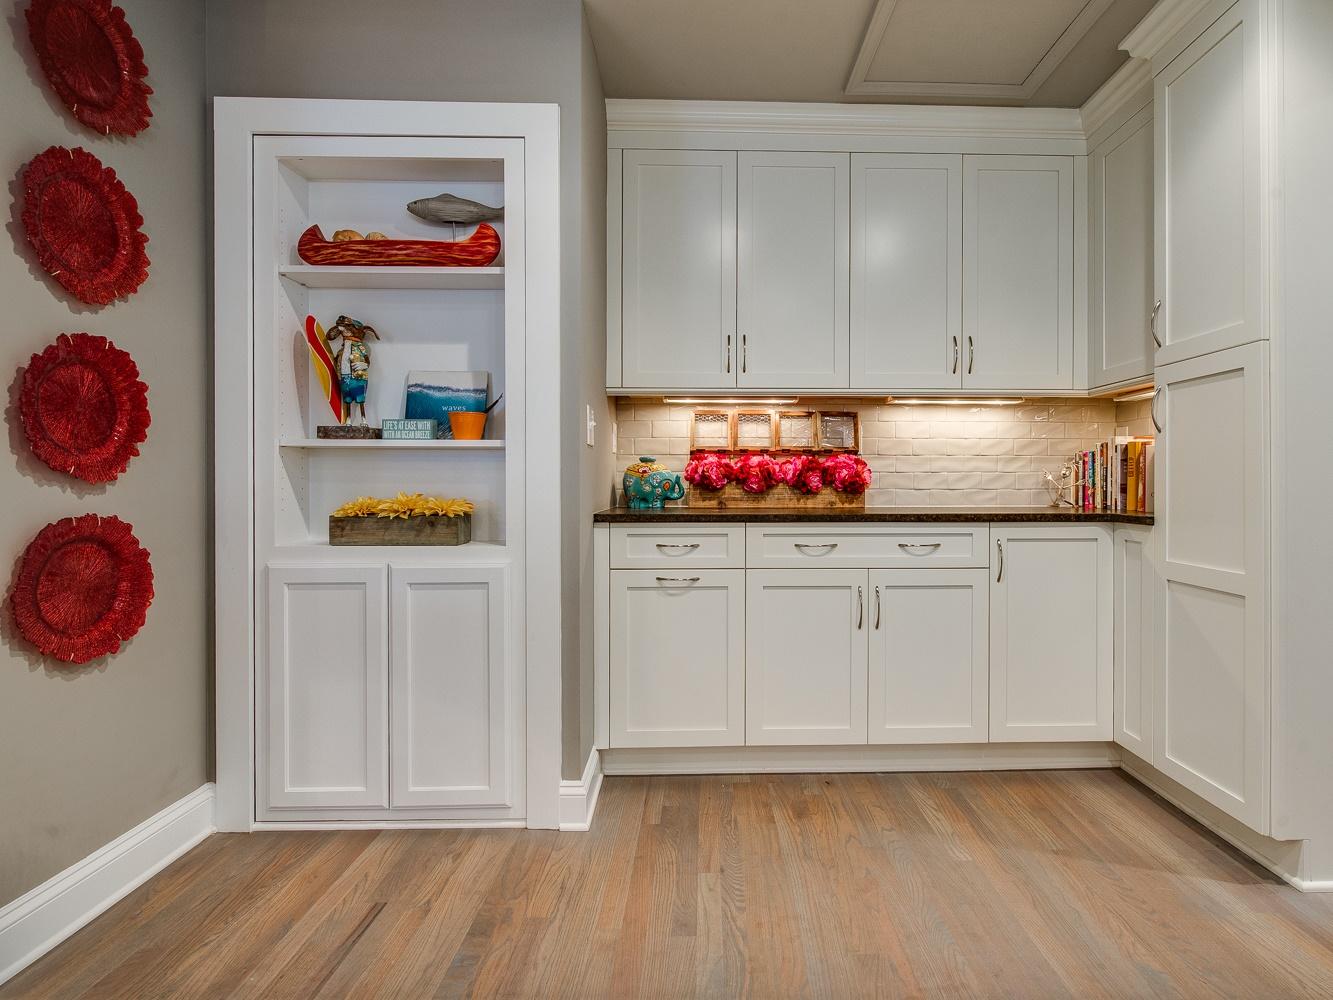 Medearis kitchen 4.jpg